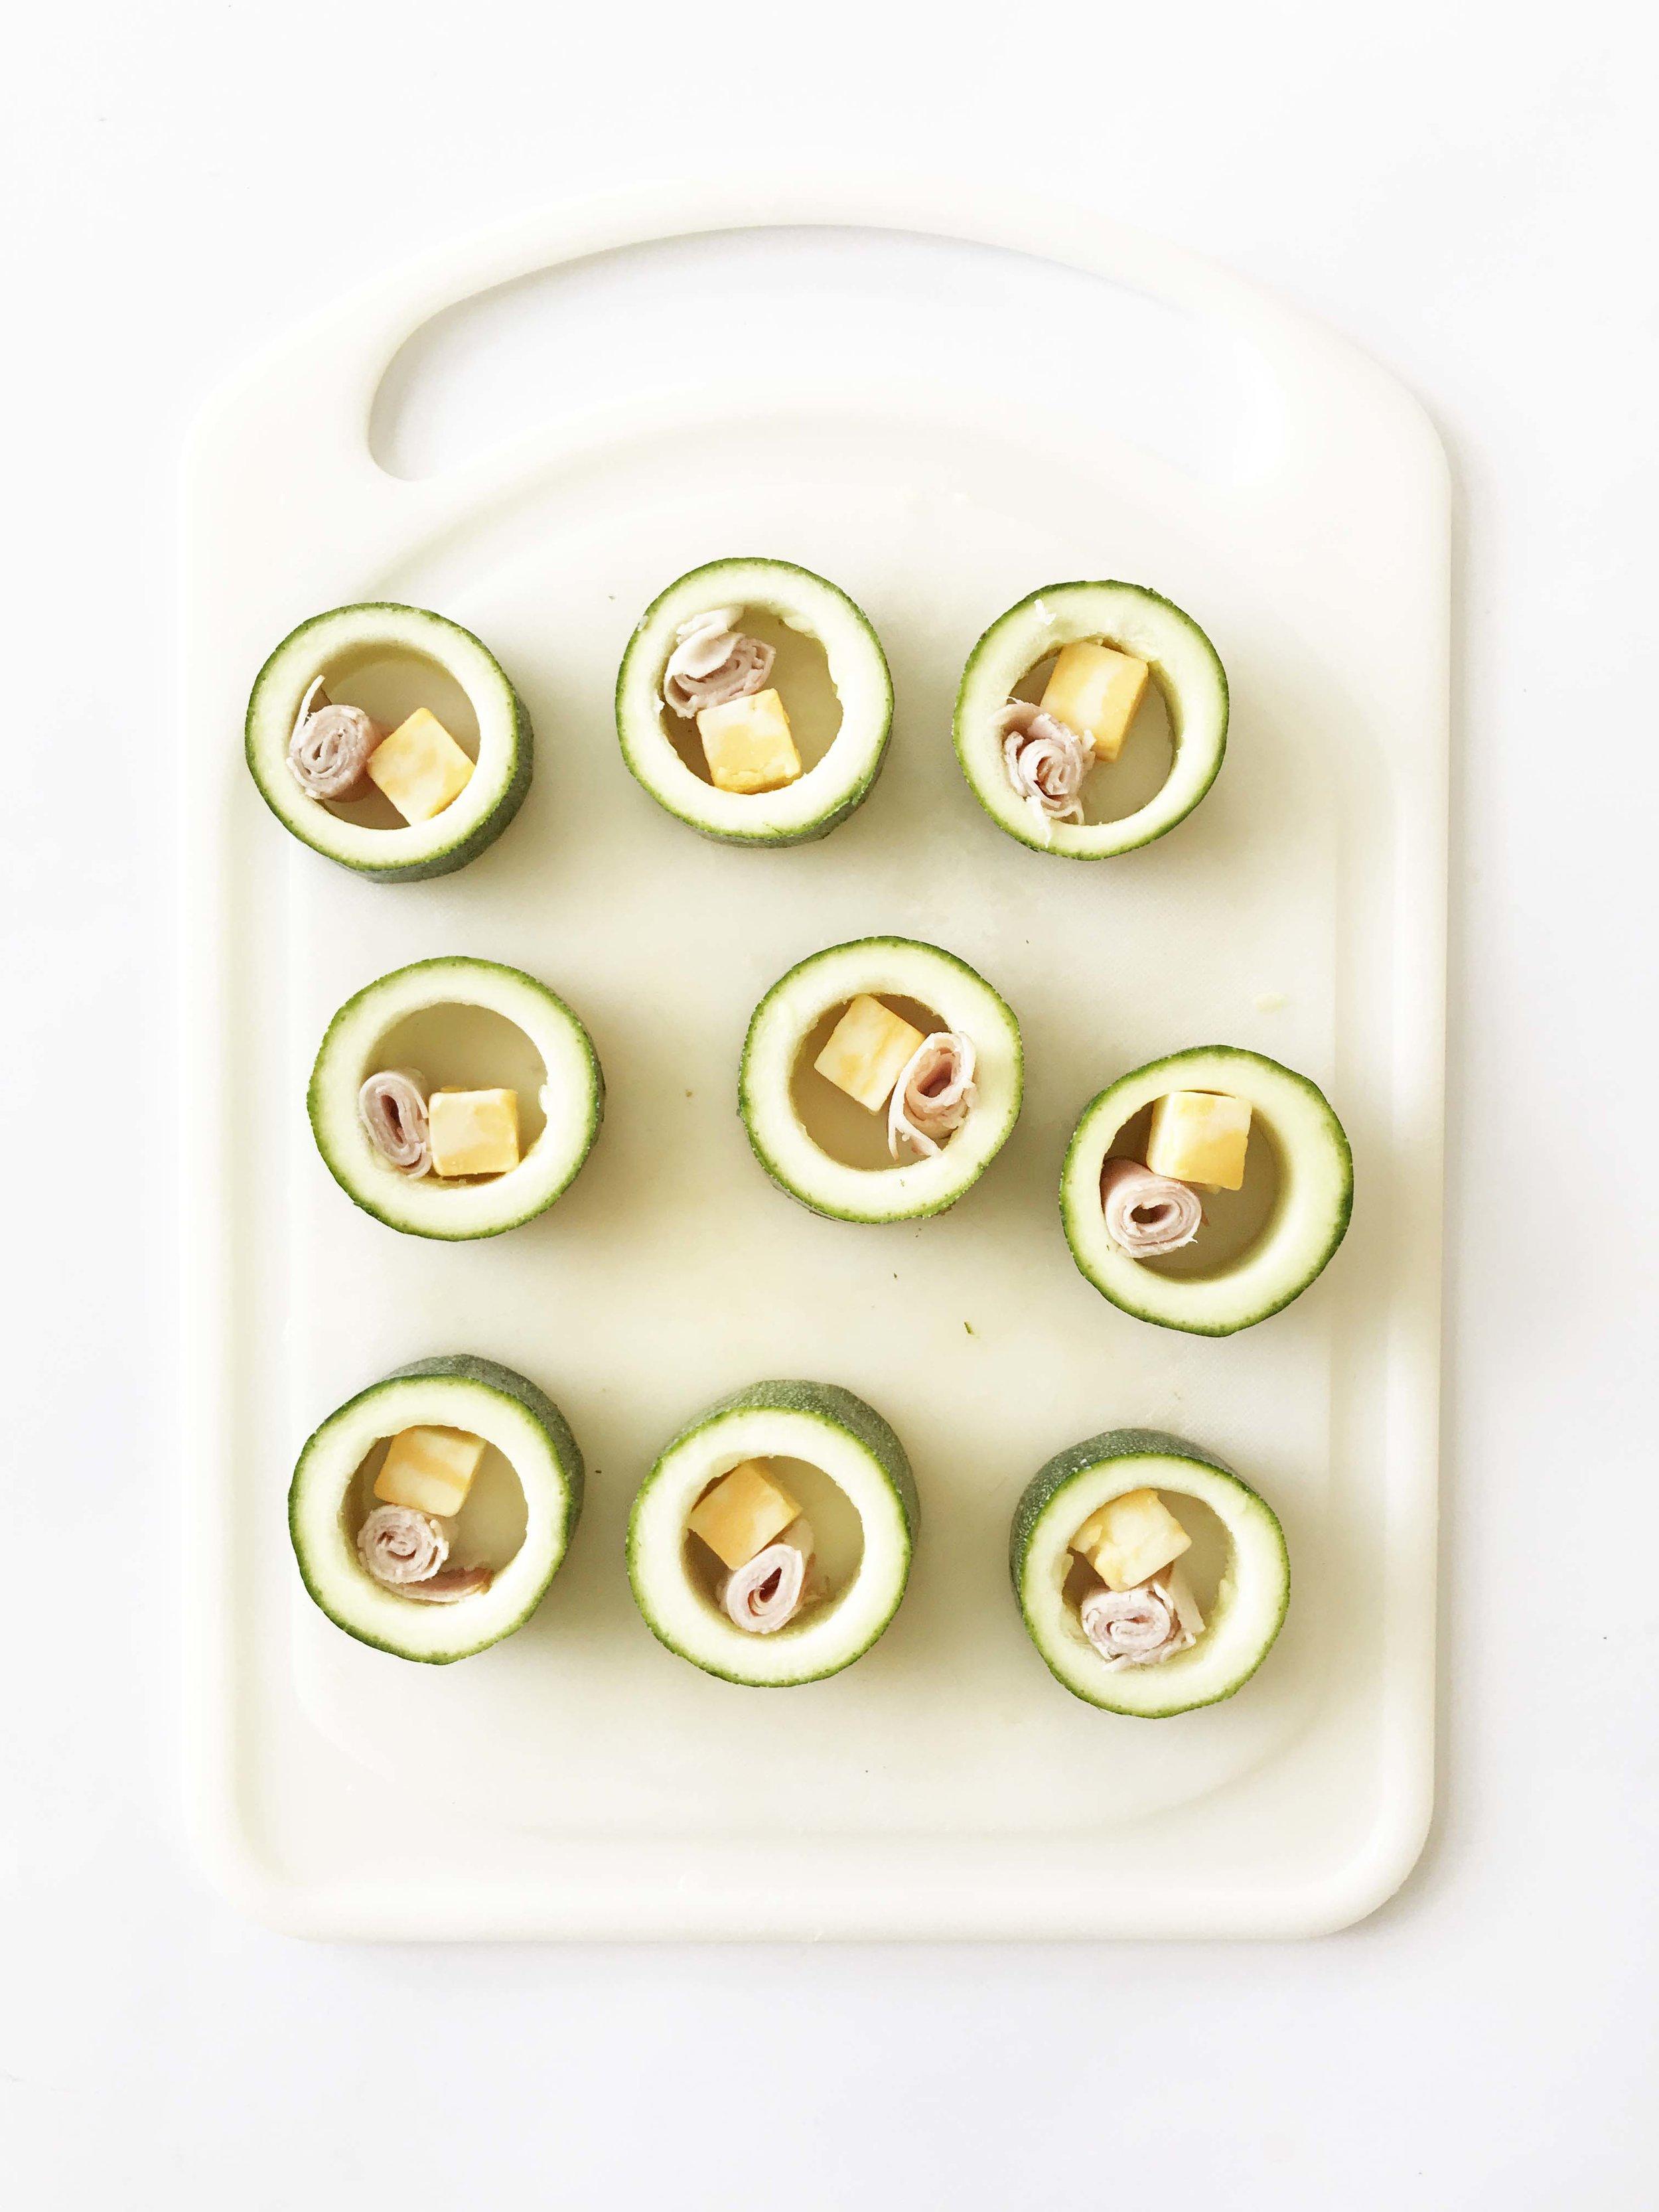 zucchini-sushi3.jpg